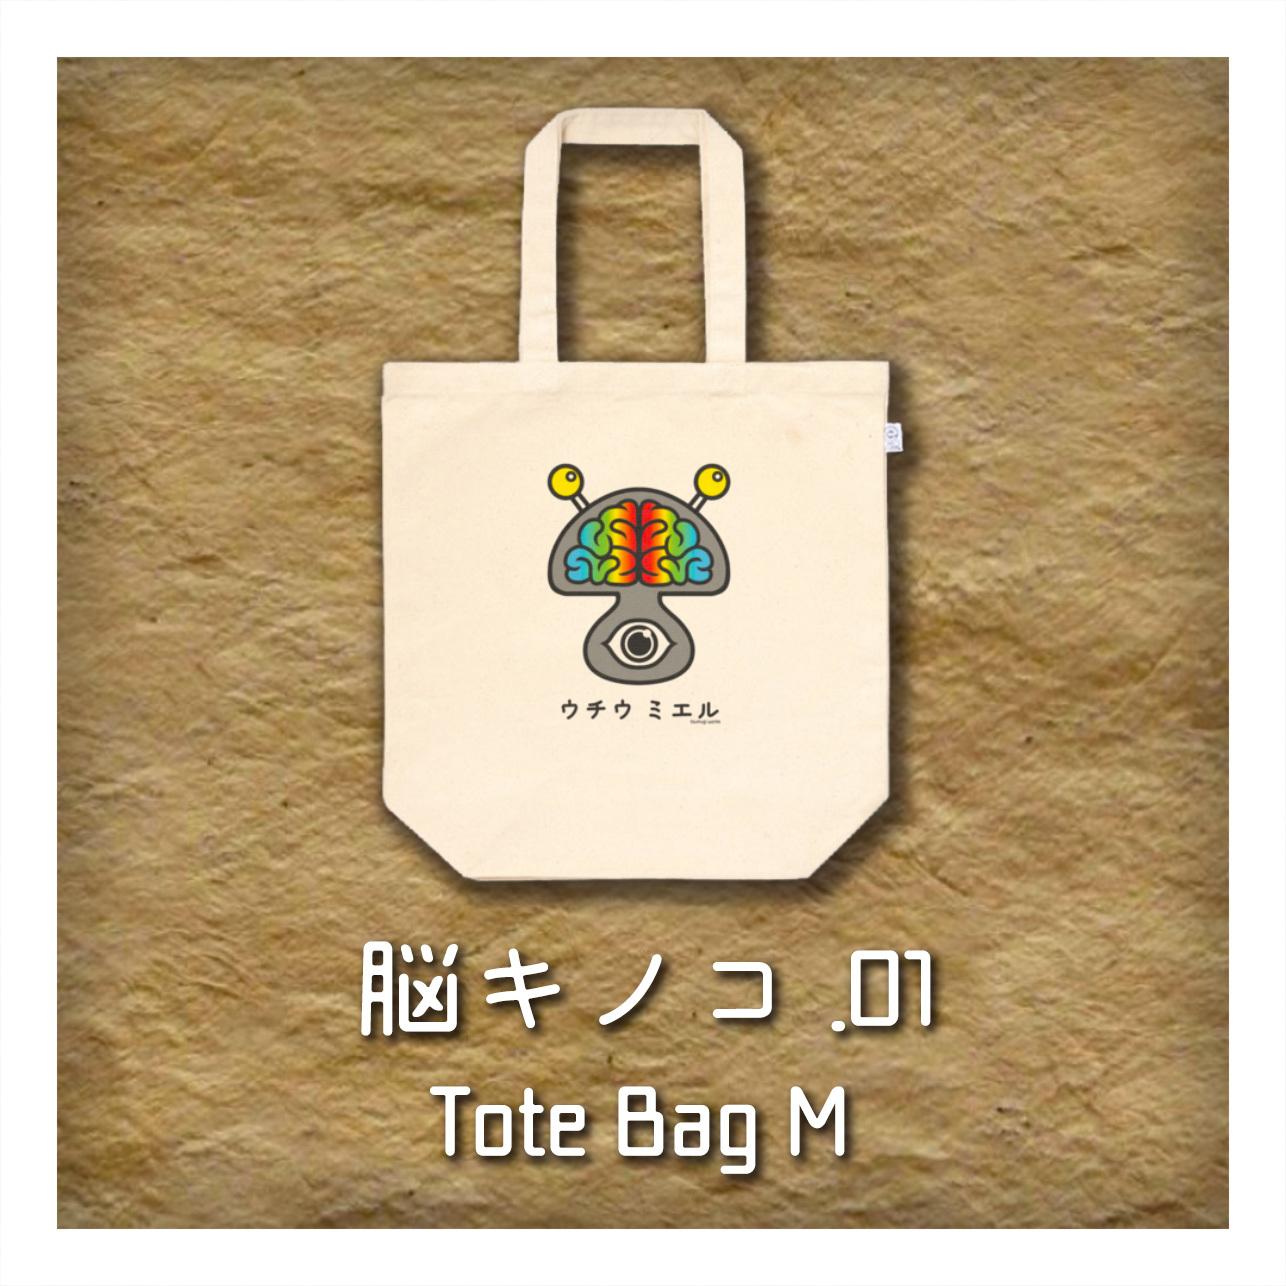 トートバッグM  『脳キノコ.01』